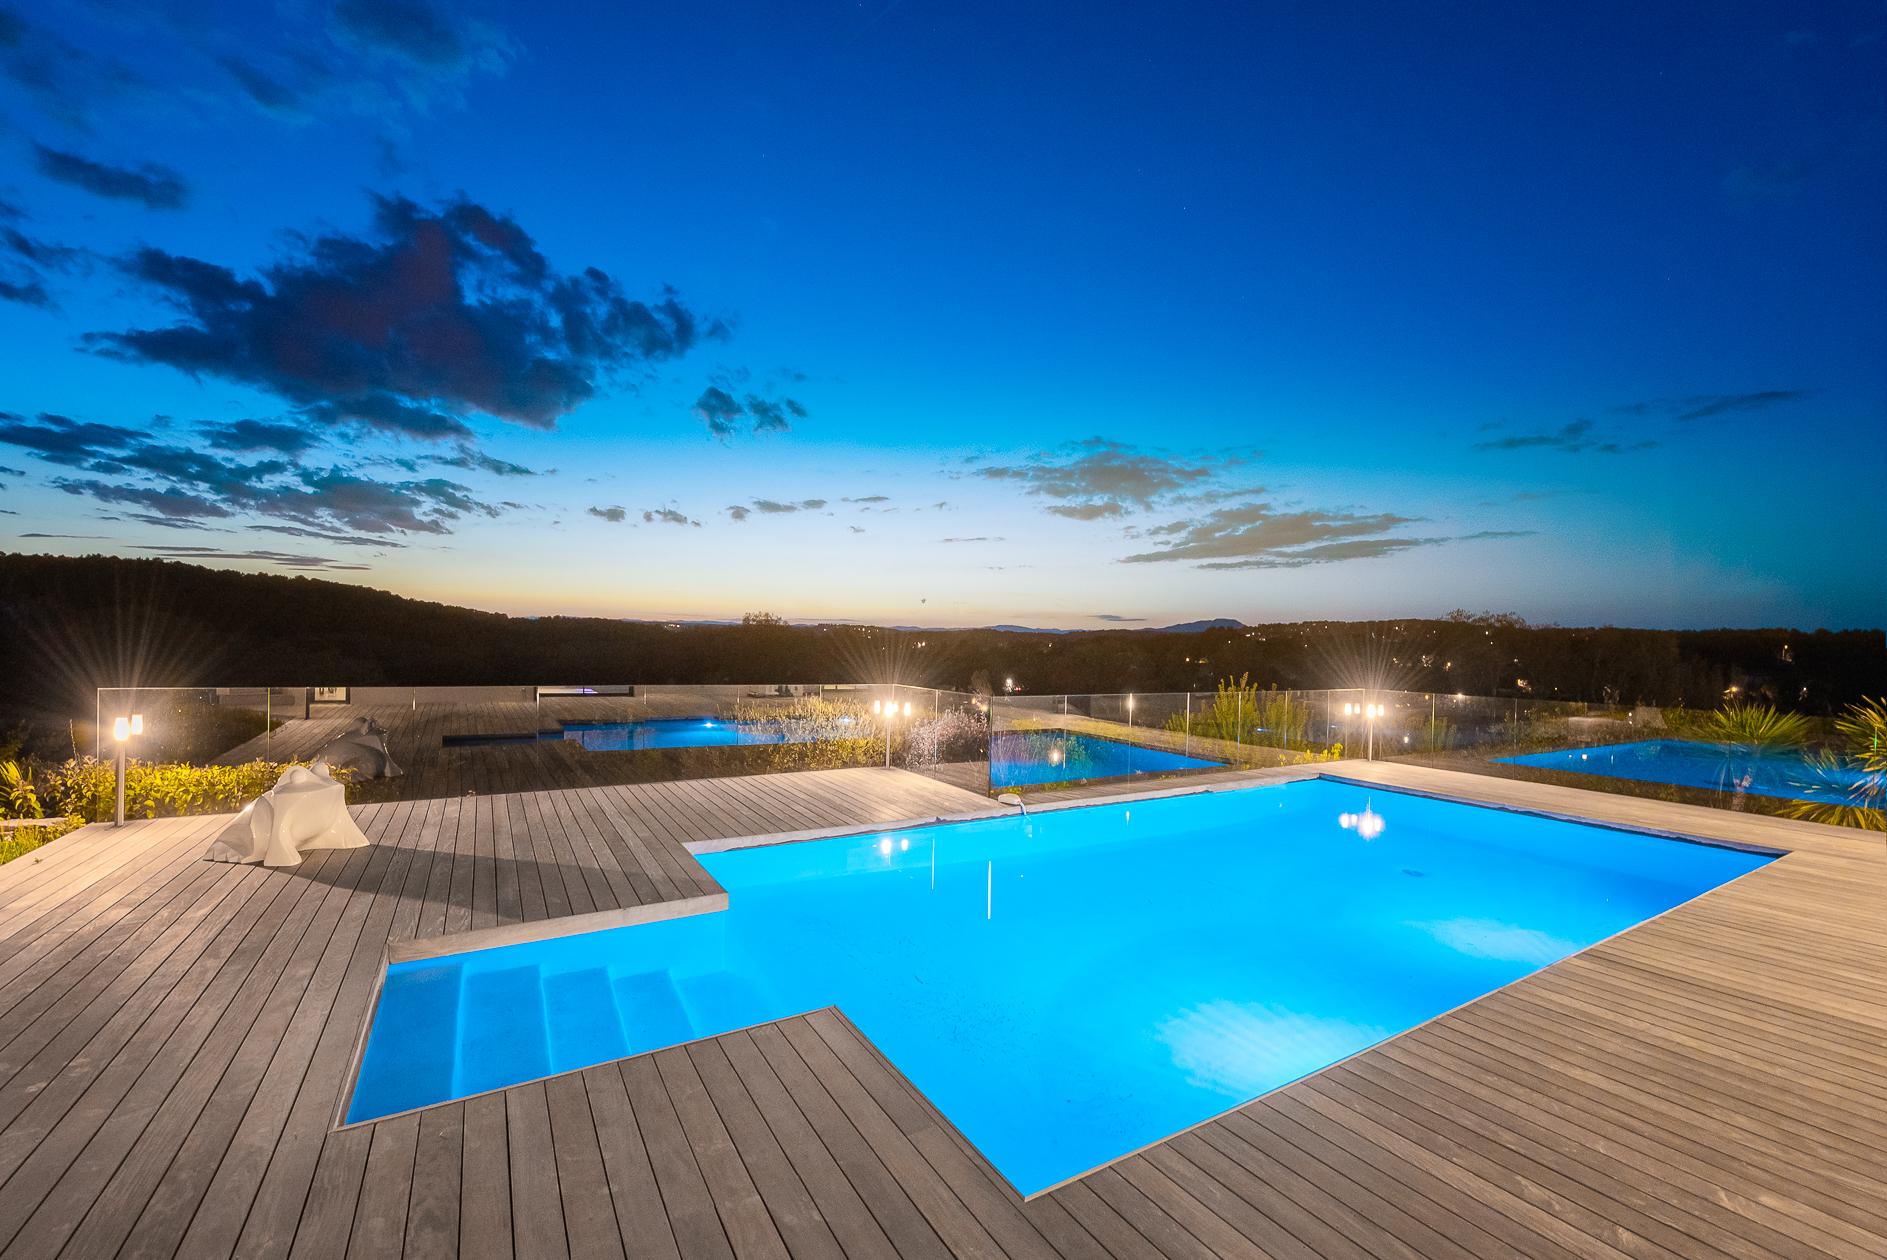 Piscine au crépuscule d'une Villa de prestige à Castelnau-le-Lez - Agence Sotheby's Montpellier